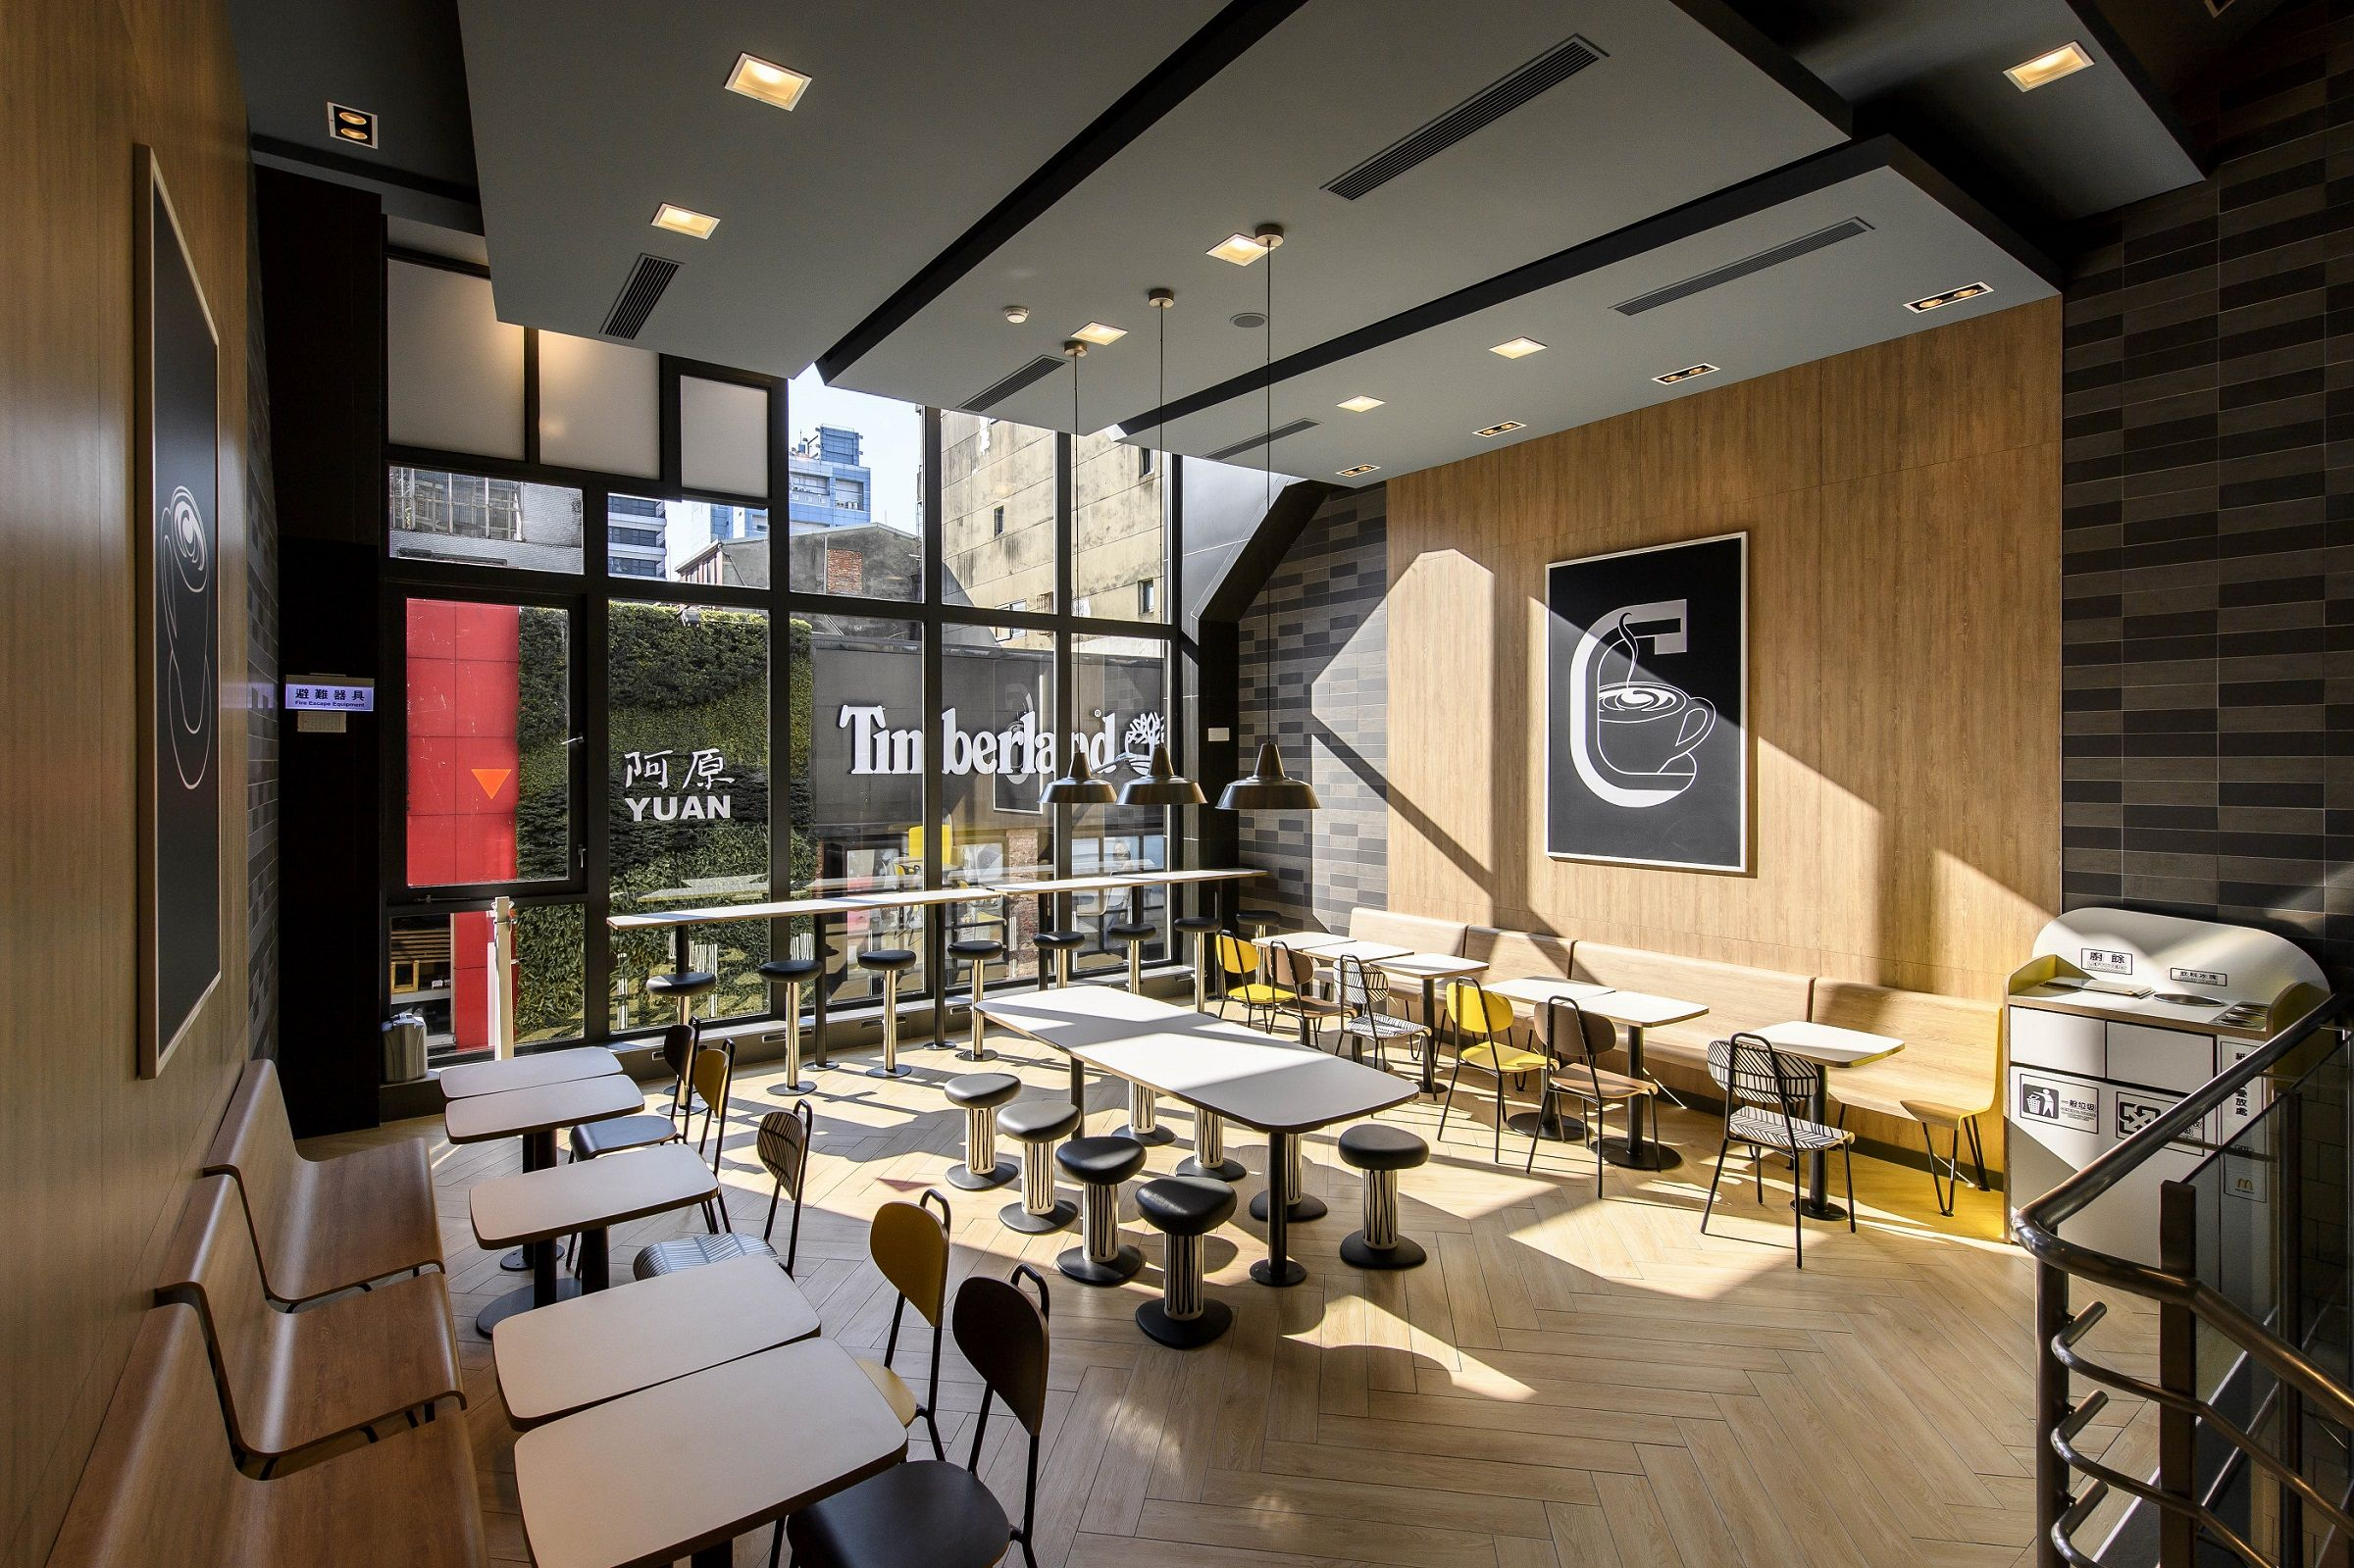 麥當勞,旗艦店,吉野家,黑白,頂呱呱,路易莎,棧貳庫,速食店,改造,改裝